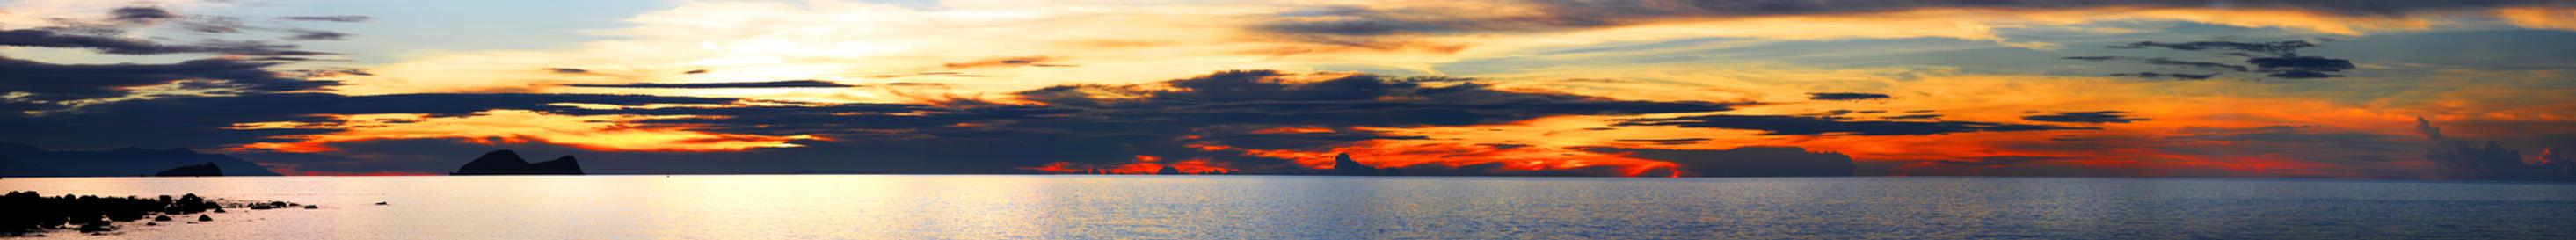 Horizon by aajohan